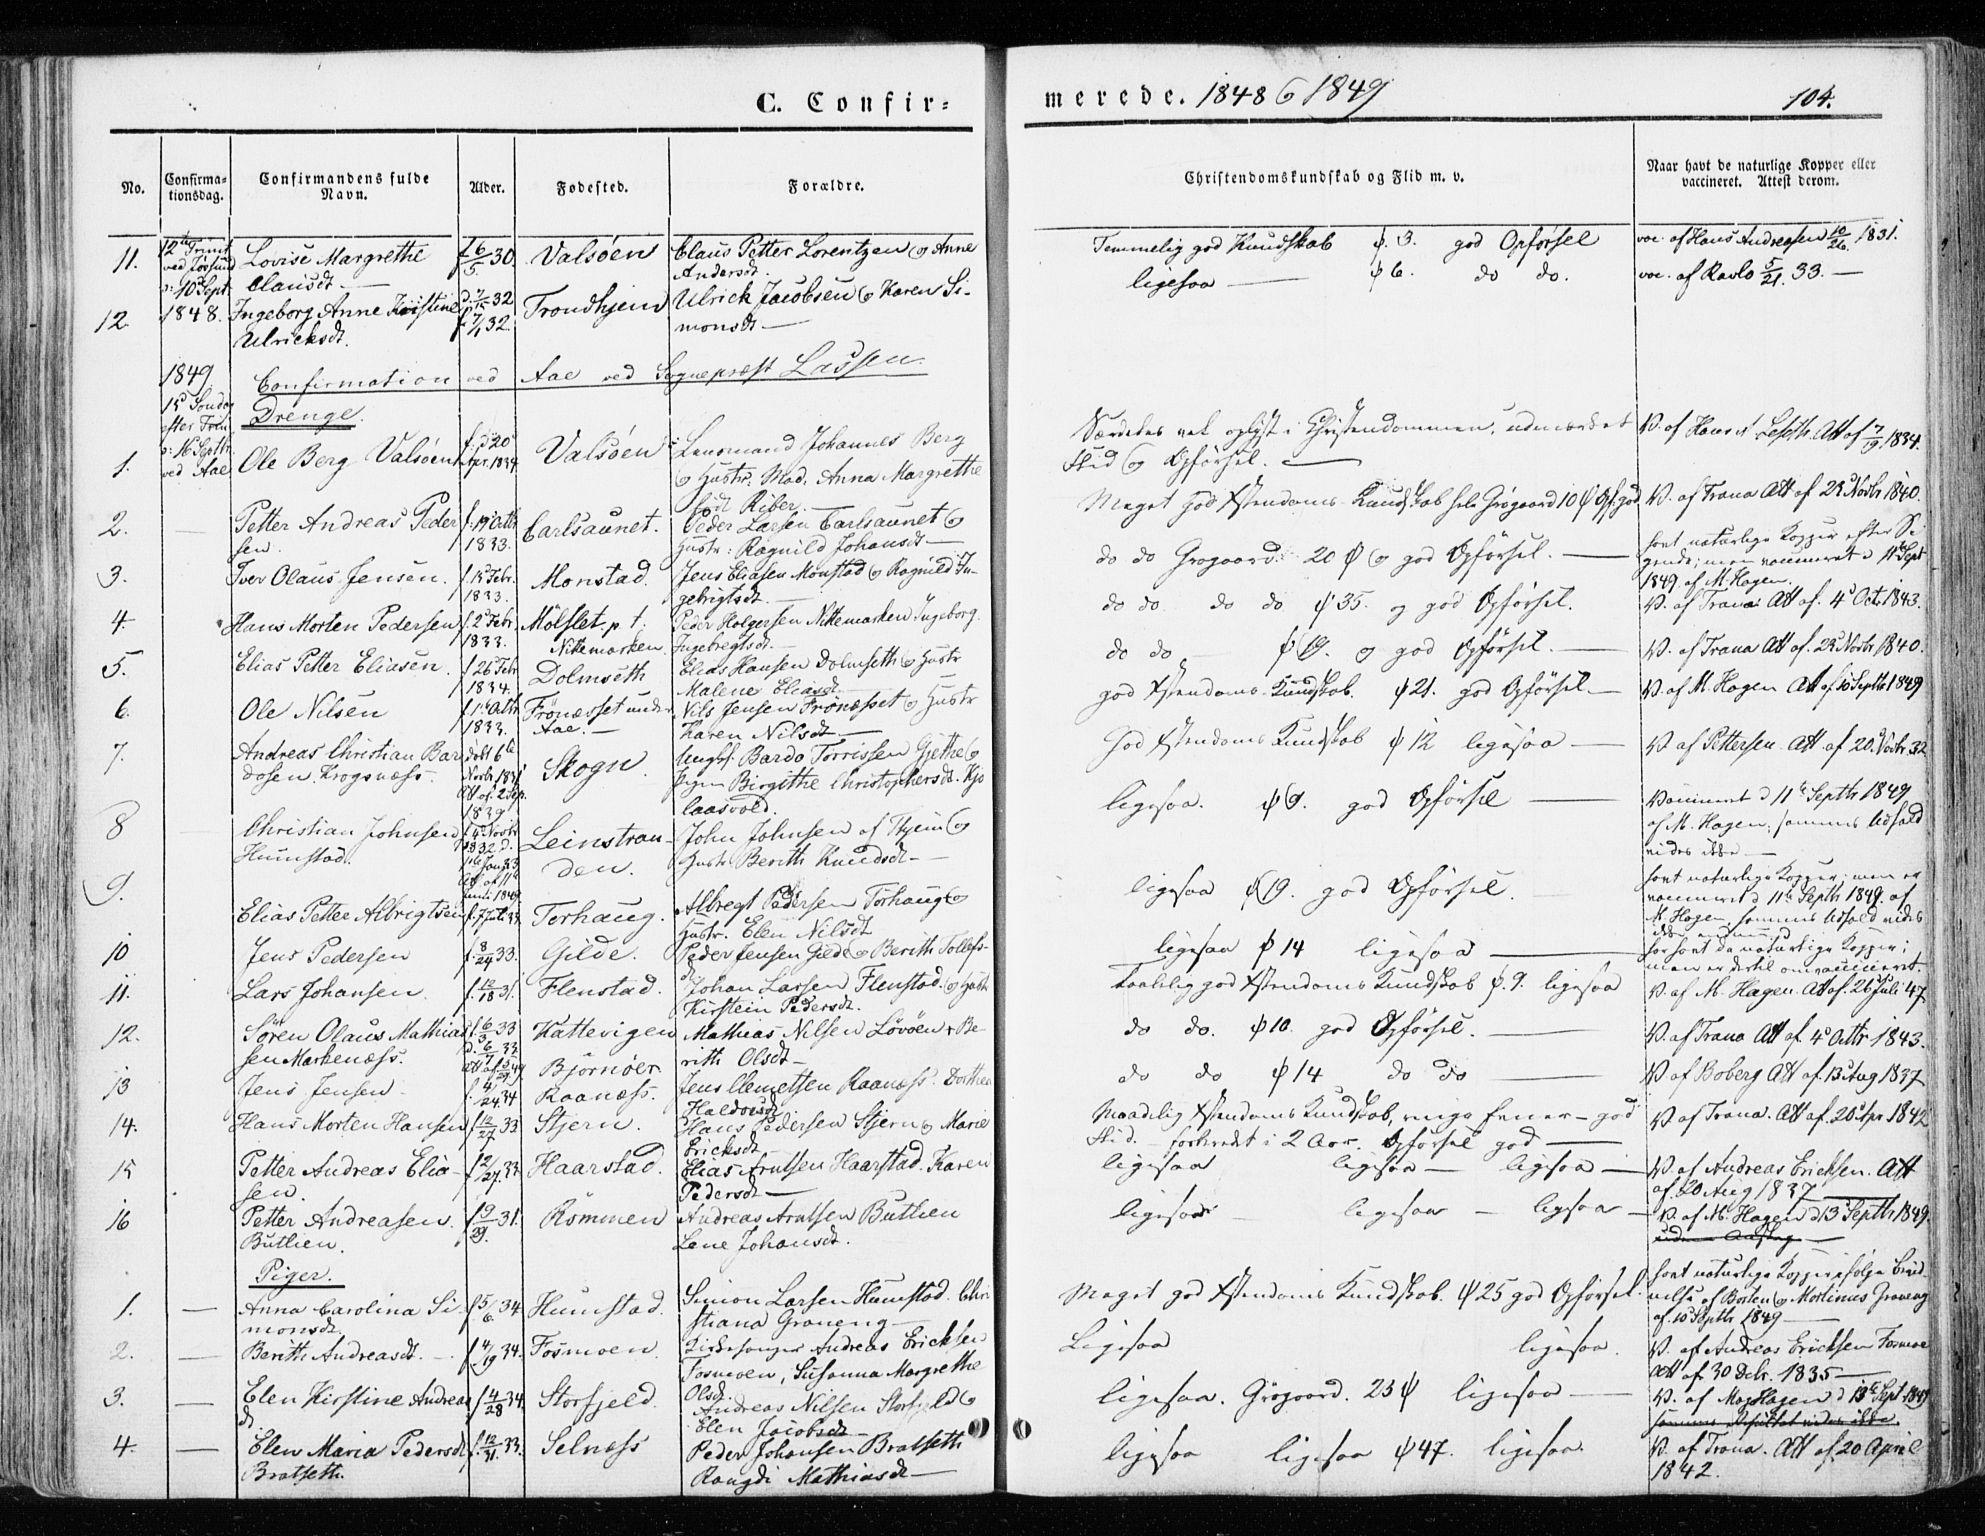 SAT, Ministerialprotokoller, klokkerbøker og fødselsregistre - Sør-Trøndelag, 655/L0677: Ministerialbok nr. 655A06, 1847-1860, s. 104